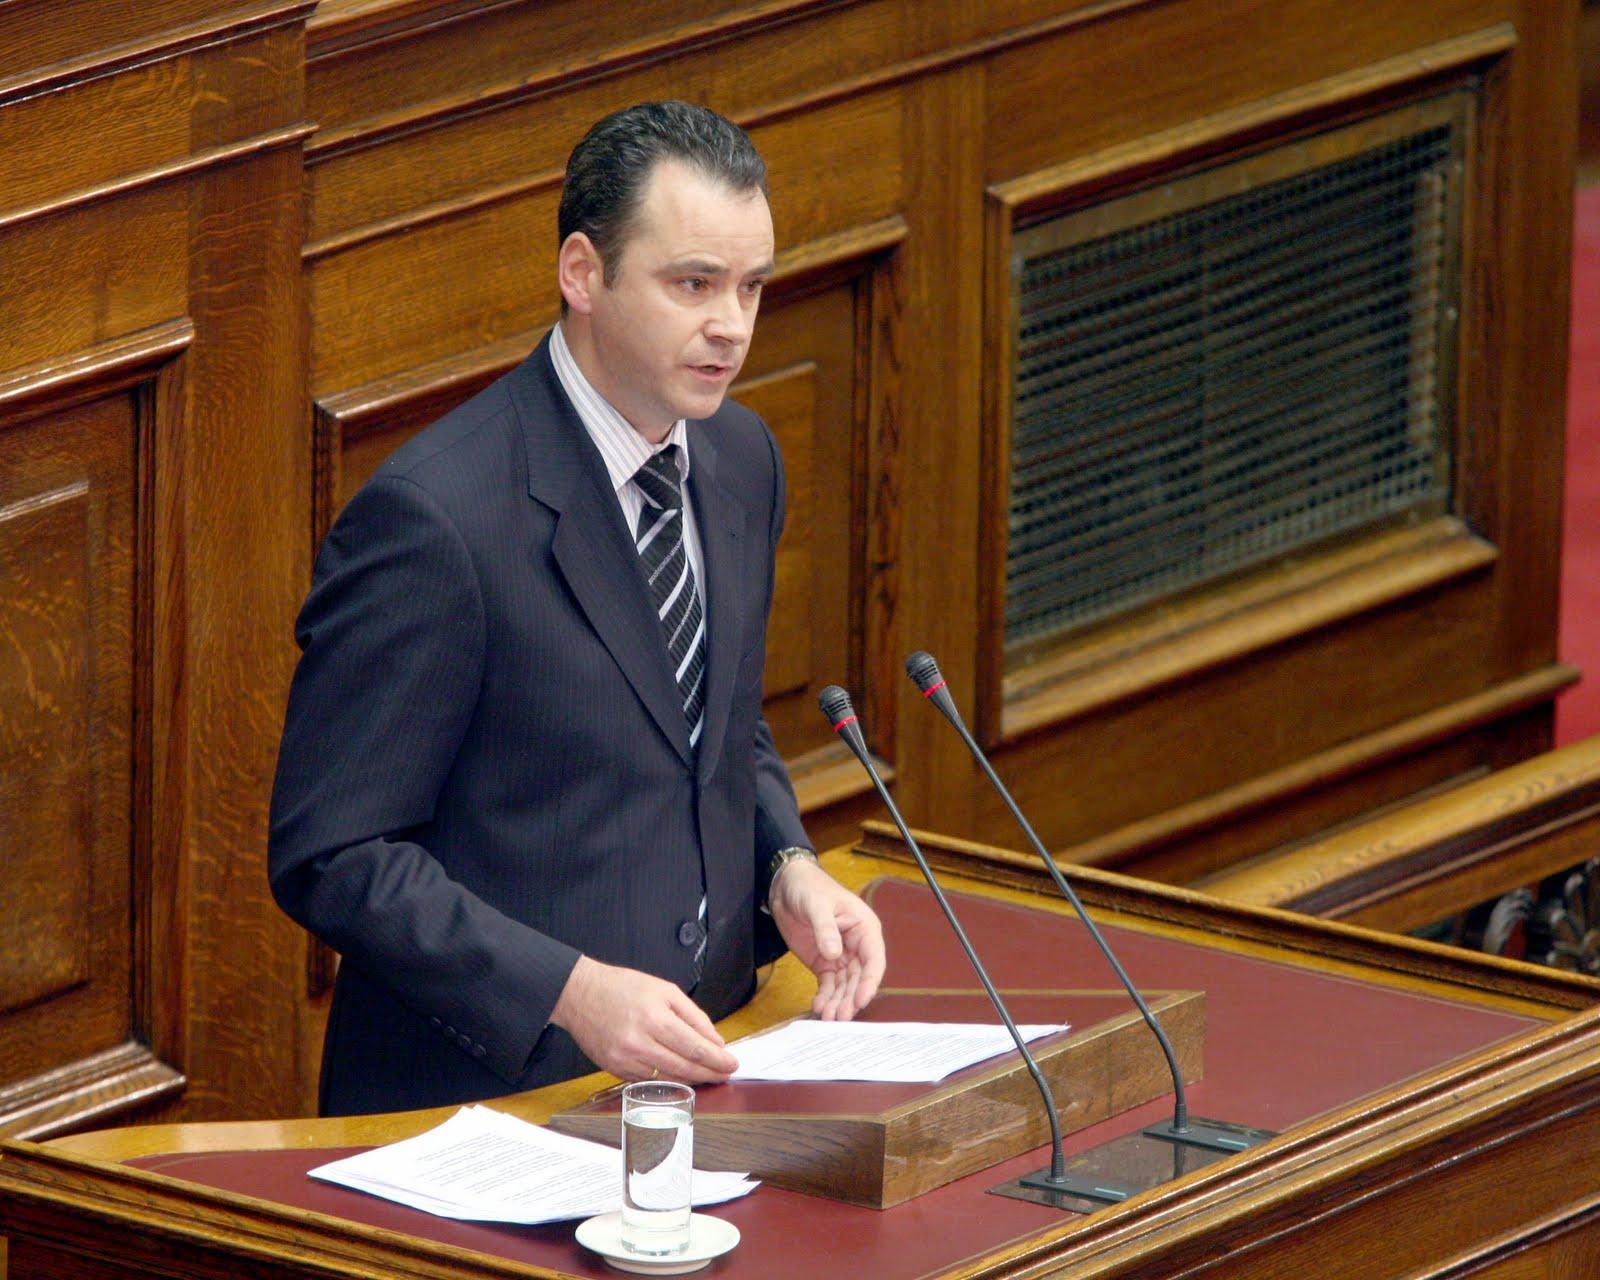 Παραιτήθηκε από υφυπουργός Παιδείας ο Κώστας Κουκοδήμος